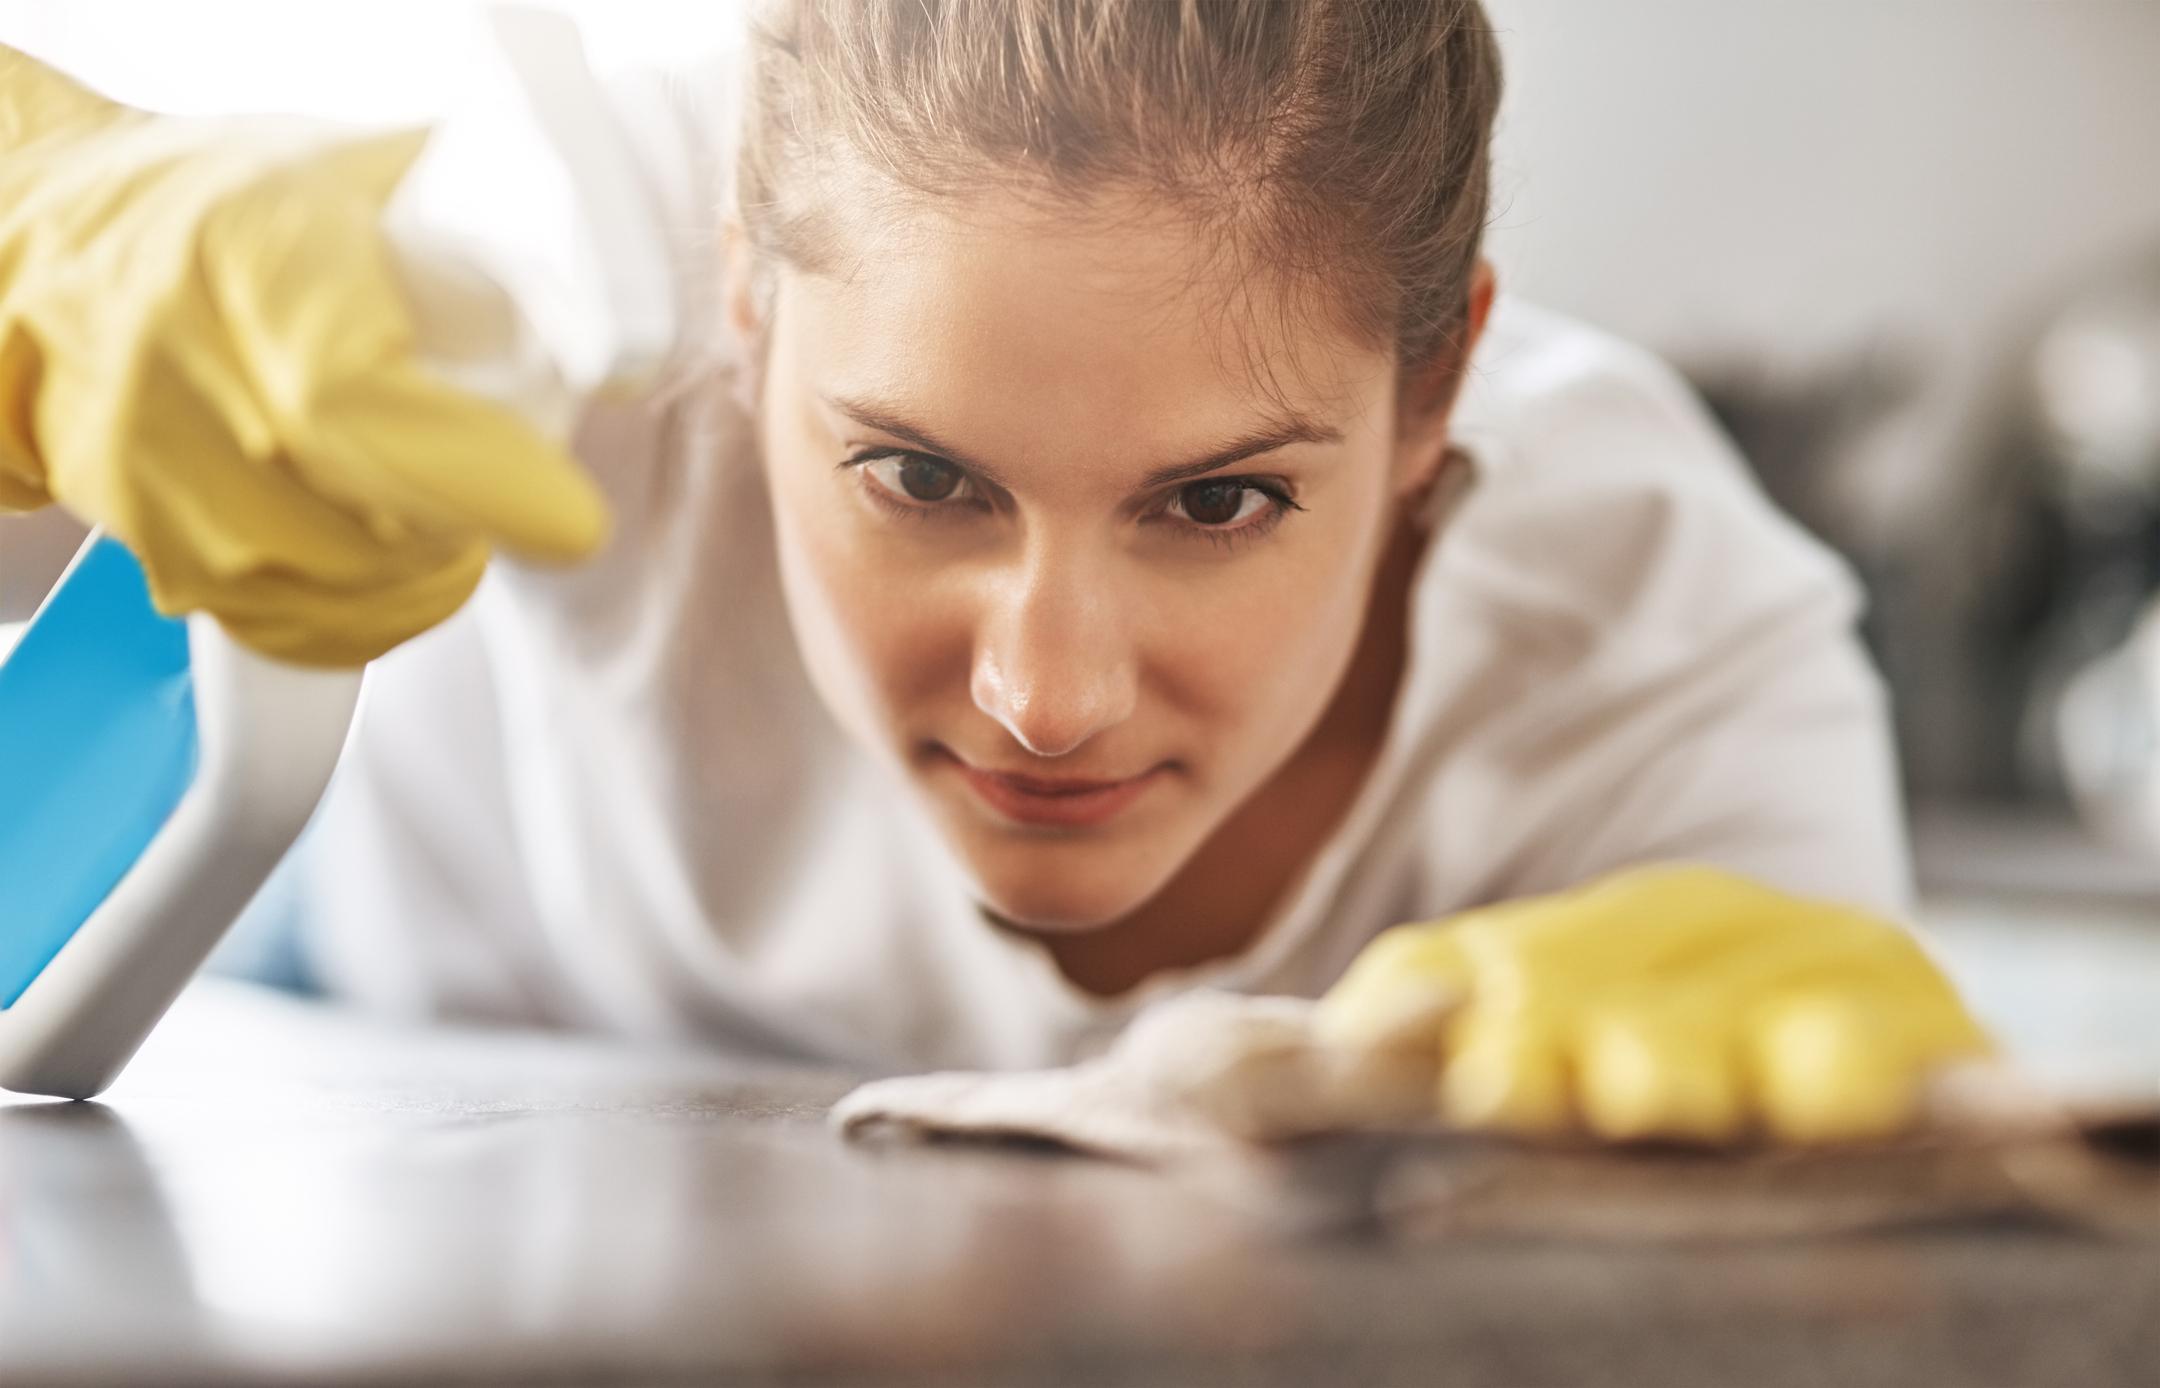 <p>Мийте задължително ръцете не само преди да започнете да готвите, но и през цялото време на процеса. Особено ако сте пипали сурово месо, риба, яйца или отпадъци. Защото всички те са носители на бактерии, които не бива да се разпространяват върху други продукти. Особено върху такива, които се консумират сурови - като салатите или доматите.</p>